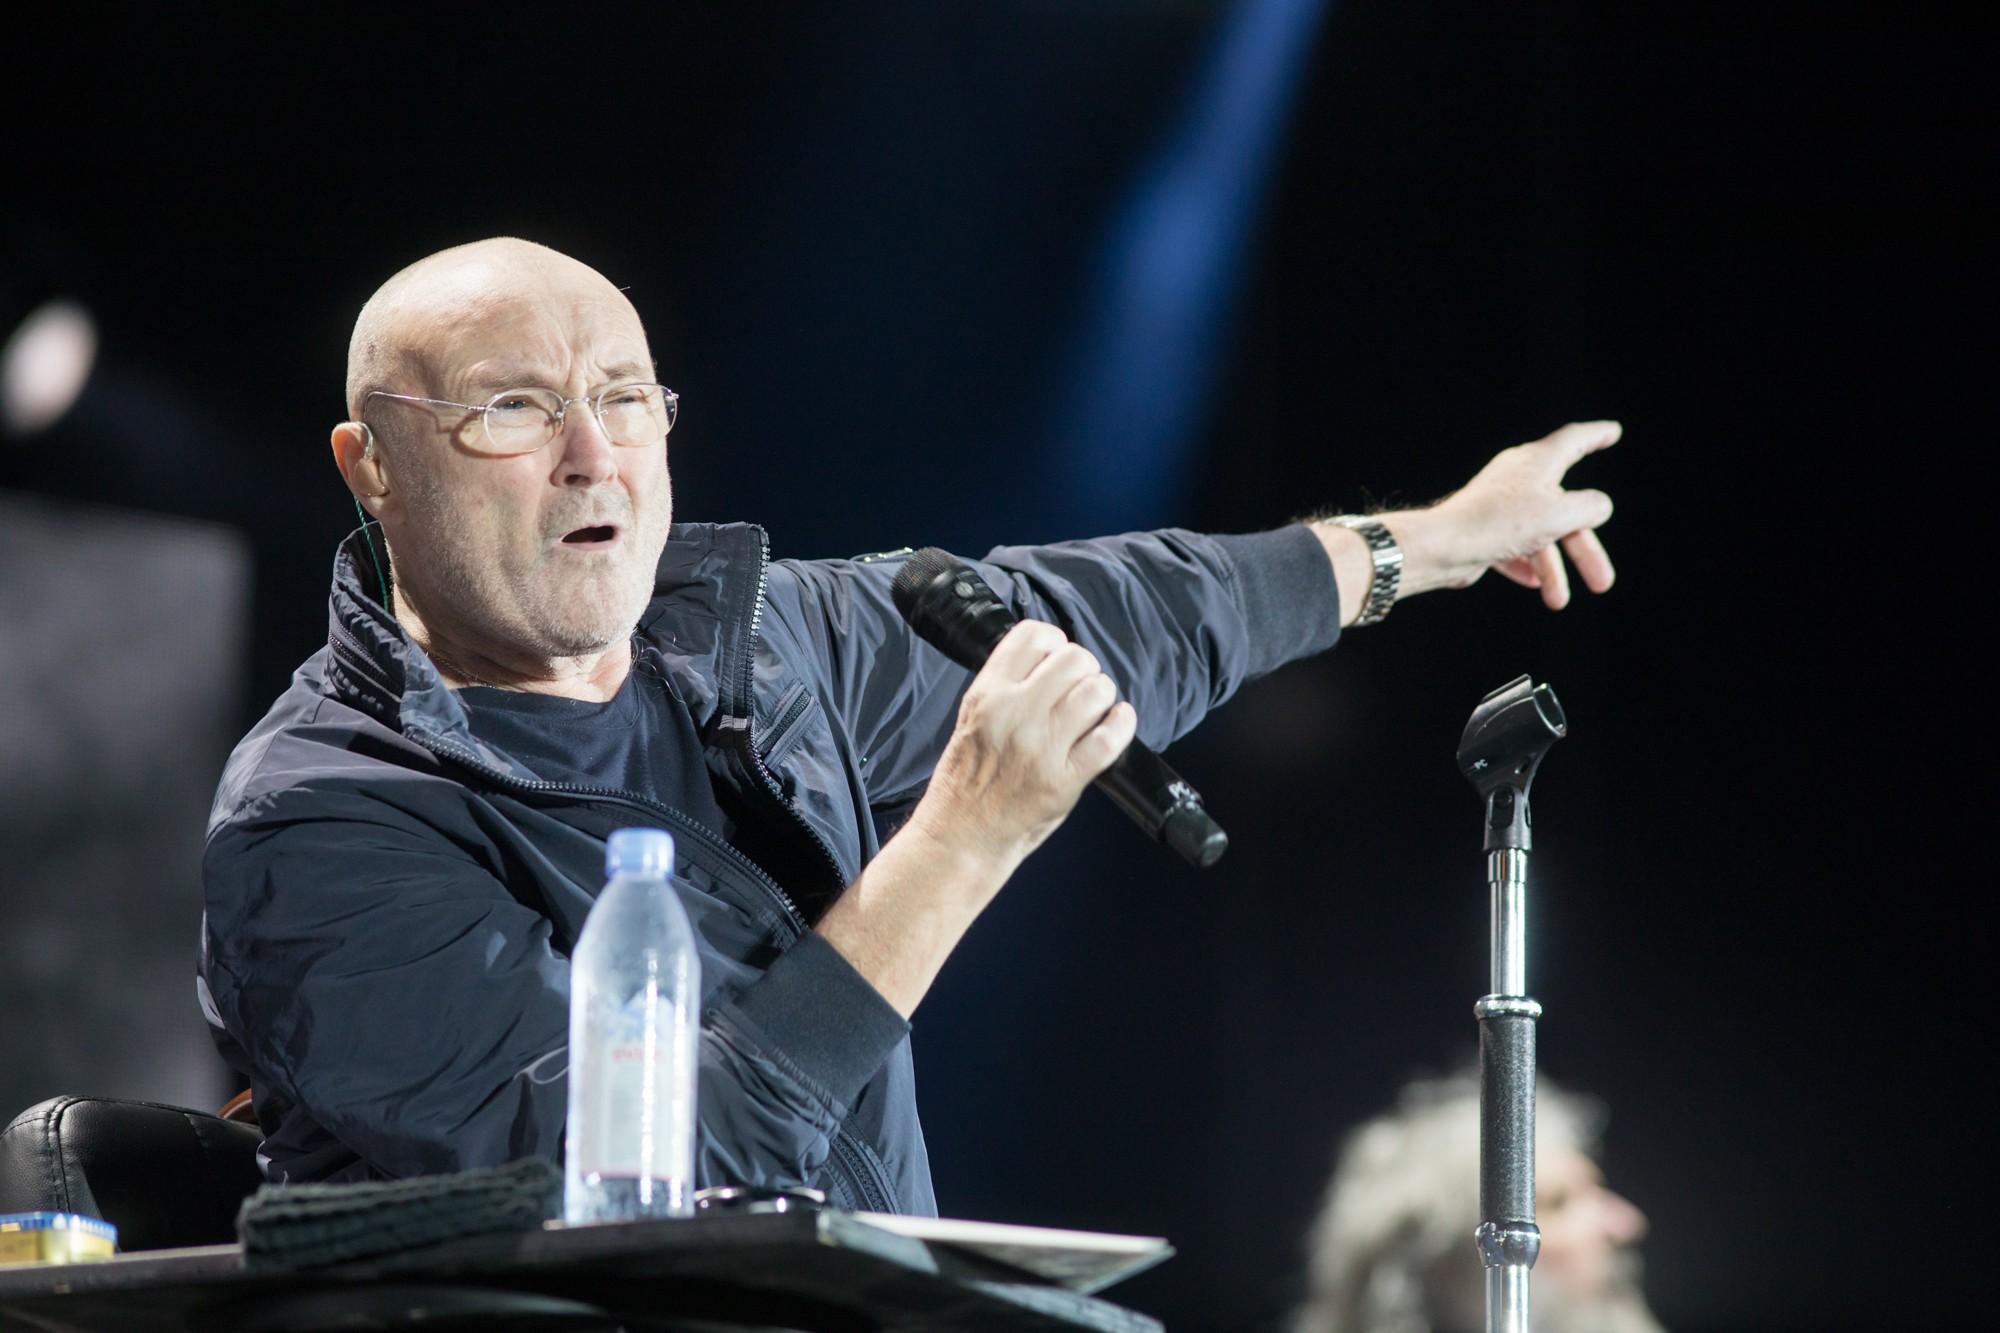 Canção de Phil Collins retorna à lista de mais tocadas após vídeo de adolescentes viralizar